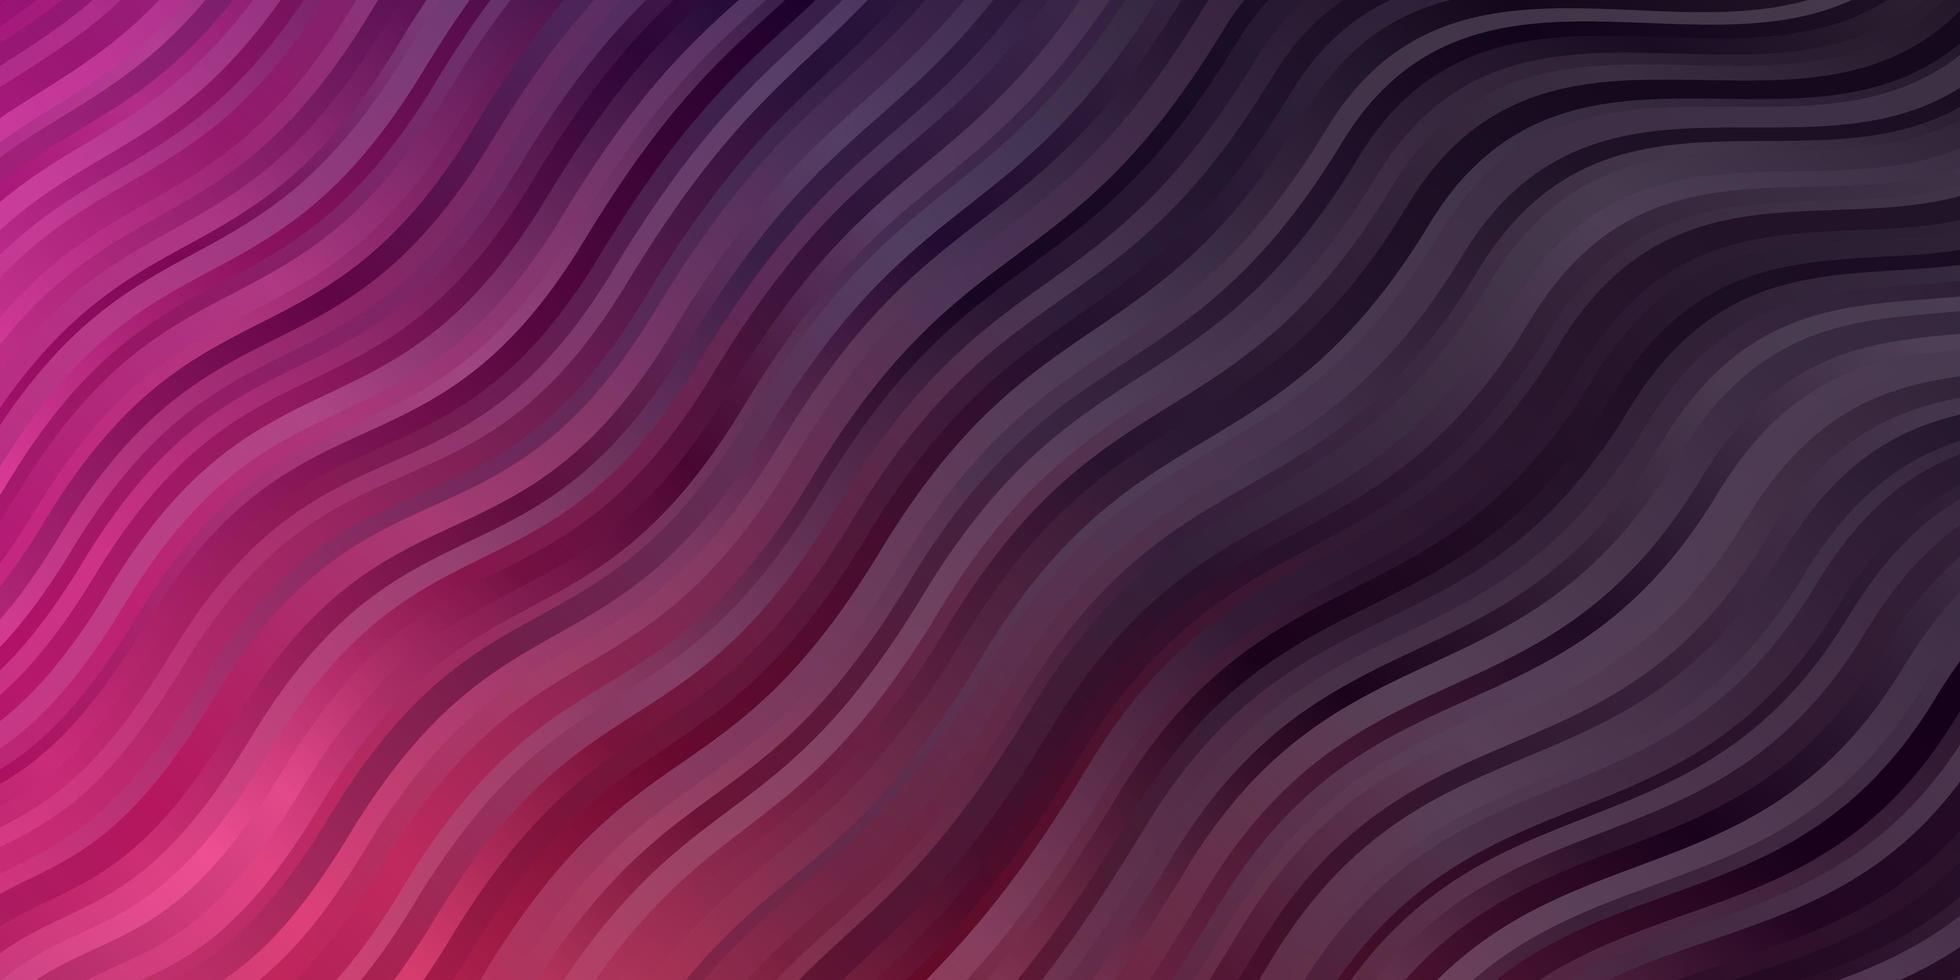 padrão de vetor rosa escuro com curvas.